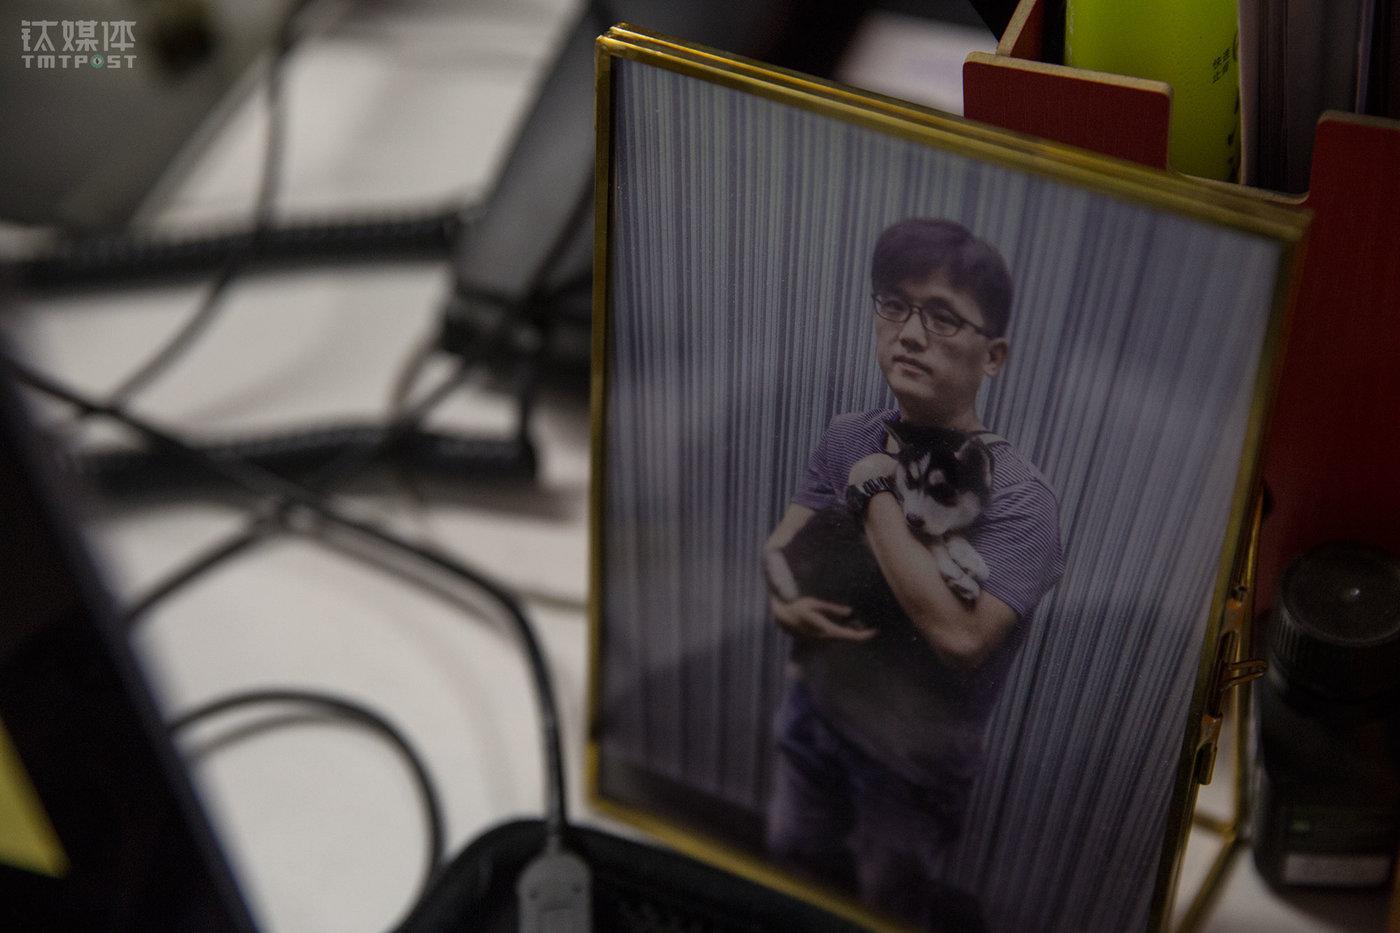 北京光华路SOHO,设计师老徐的办公桌上摆放着自己和哈士奇Summer的合影。这张合影拍摄于2017年夏天,当时从同事手里抱养这只在街边捡来的流浪狗,他给这只狗取名Summer。